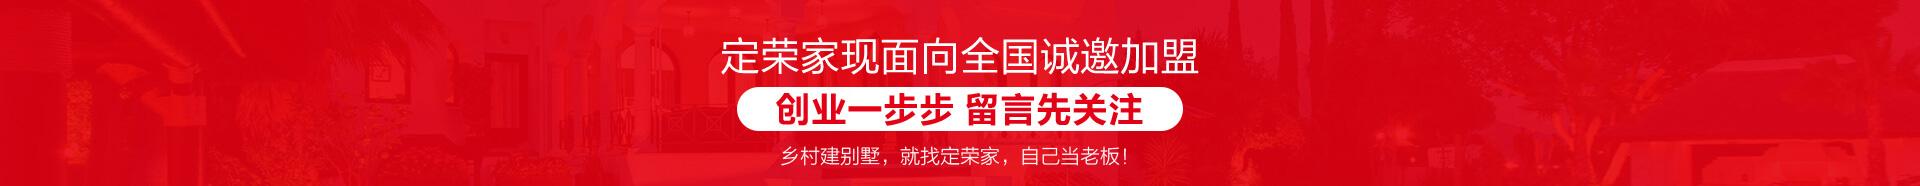 定荣家现面向全国诚邀雷竞技最新版